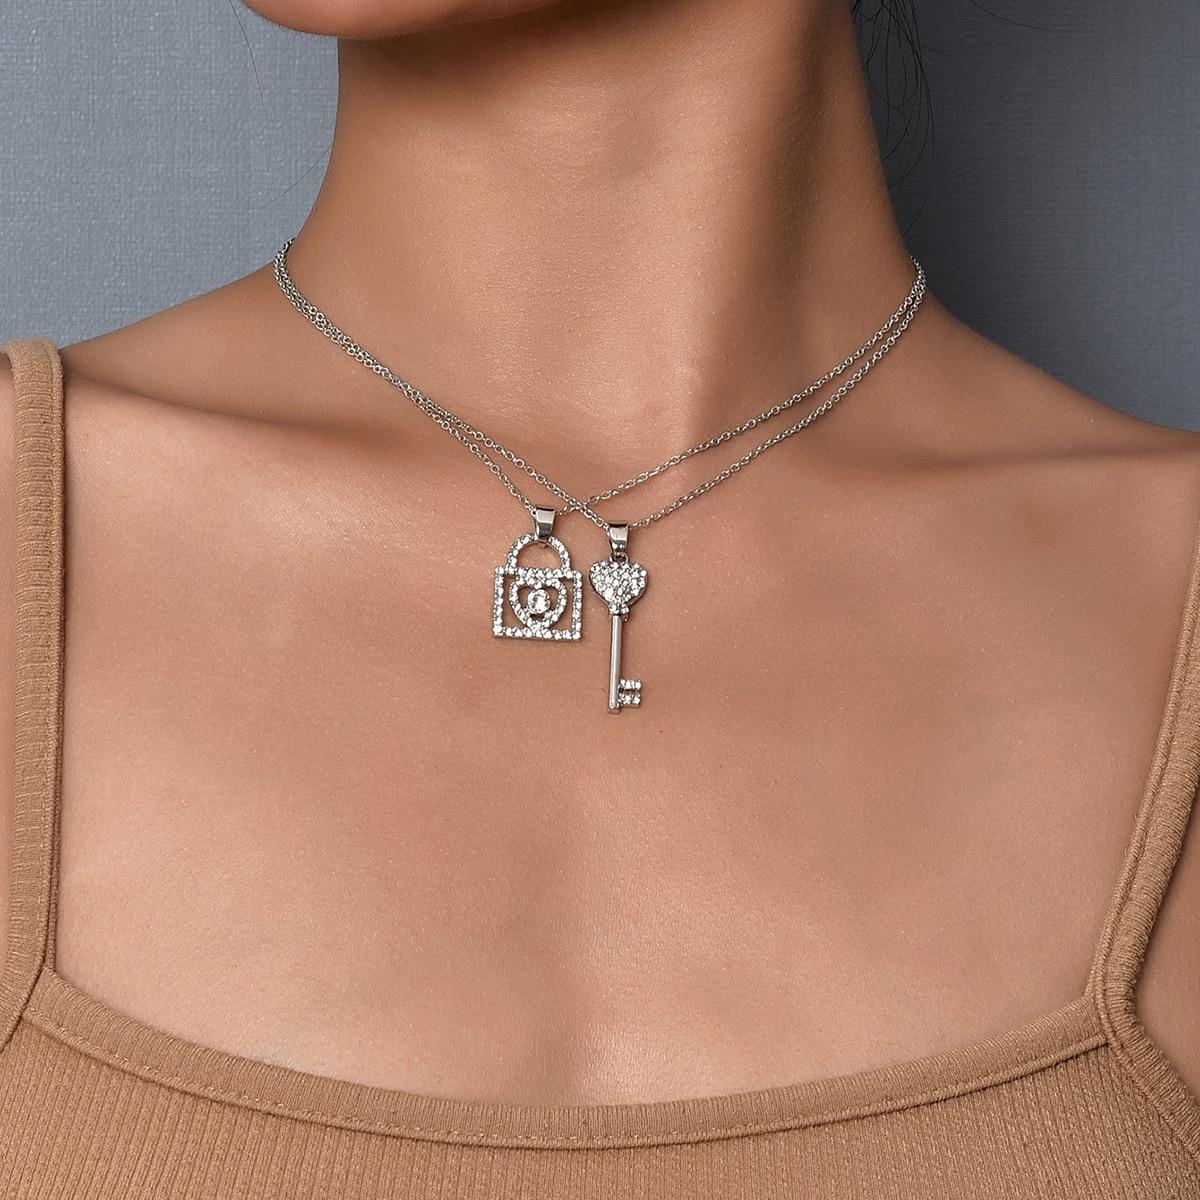 2шт ожерелье с замком, ключом и стразами фото